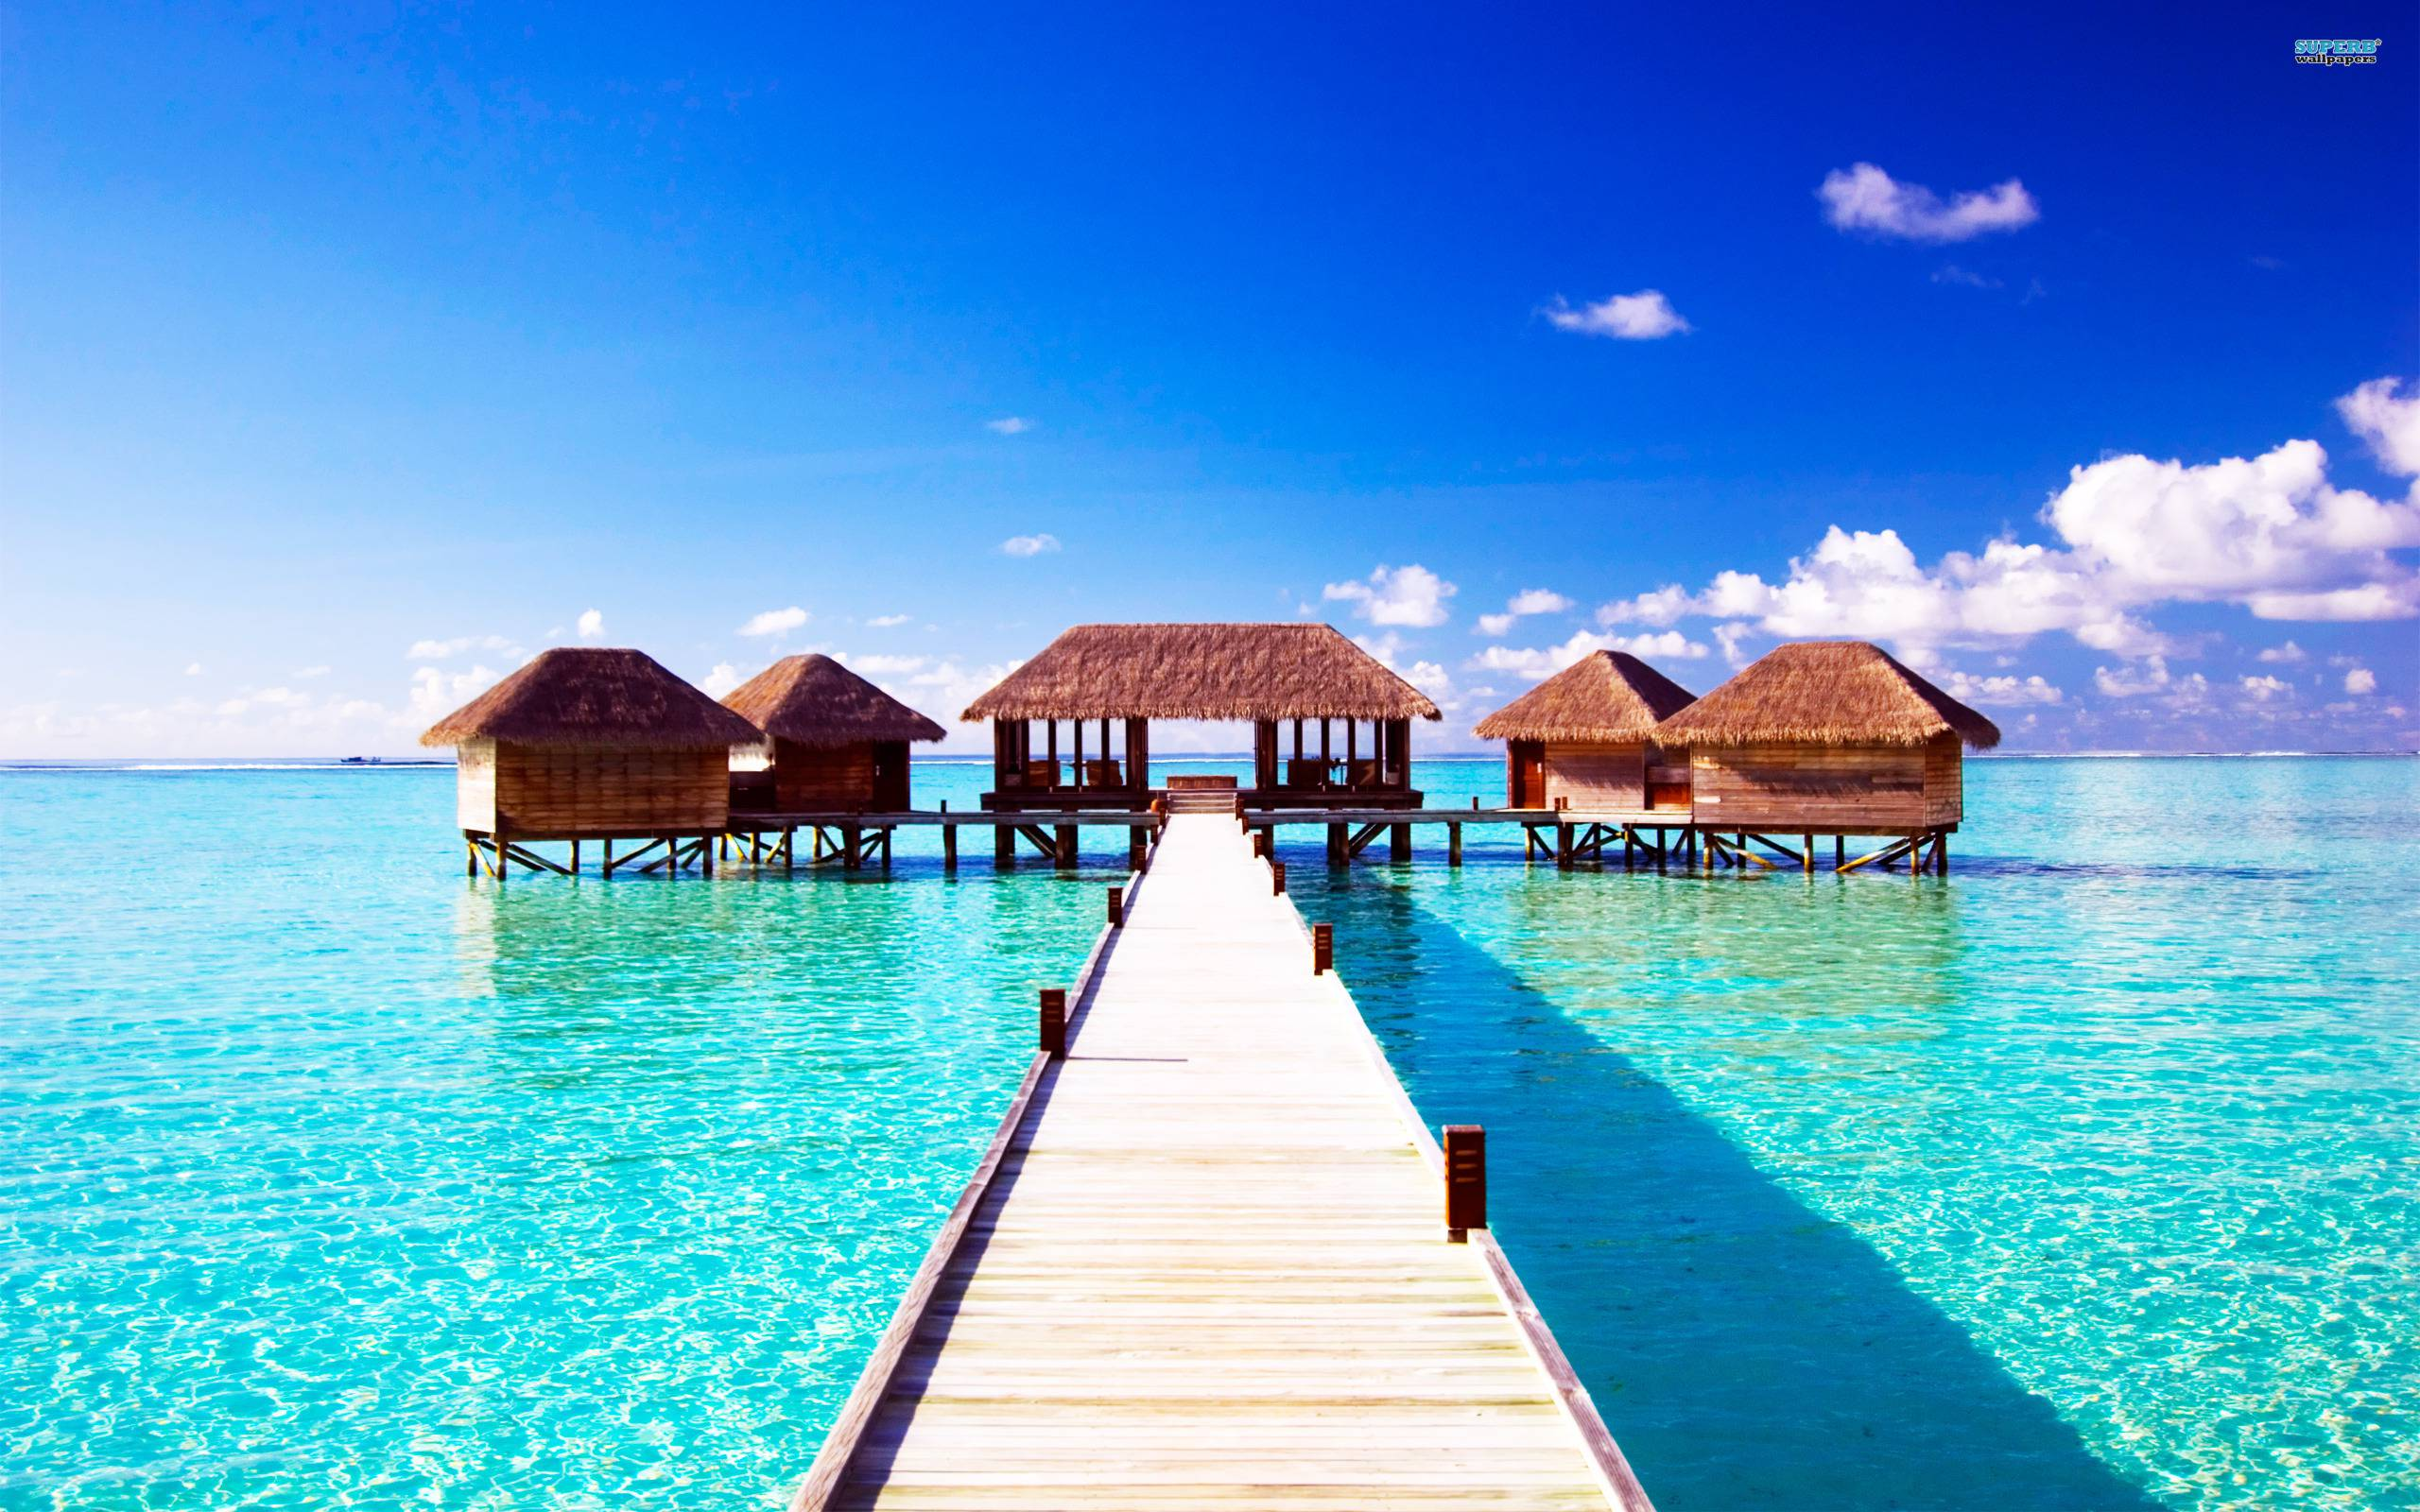 Vé máy bay đi Maldives giá rẻ